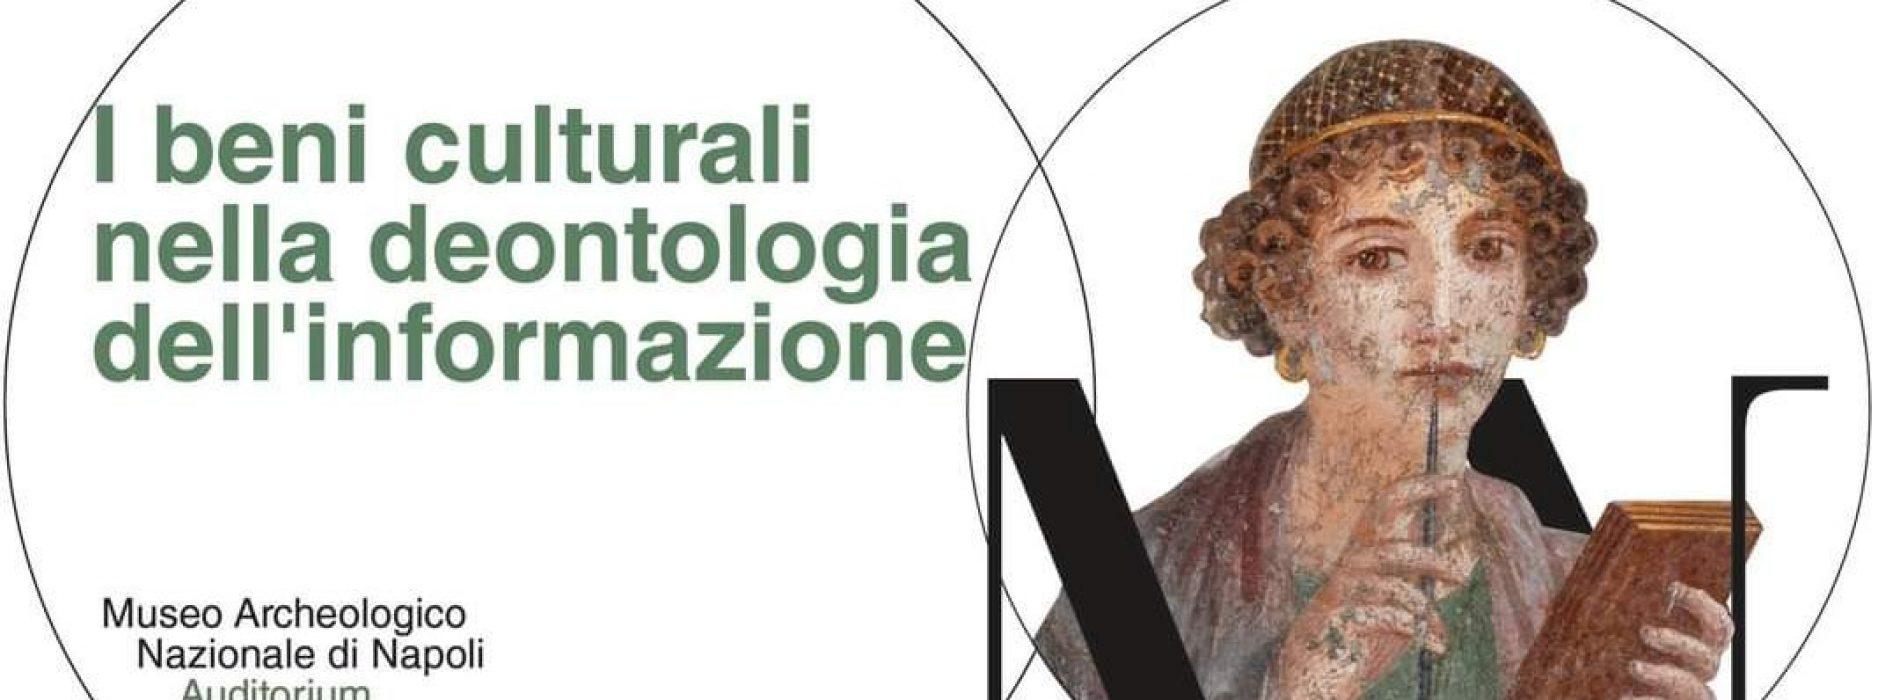 Beni culturali e deontologia dell'informazione, c'è il corso